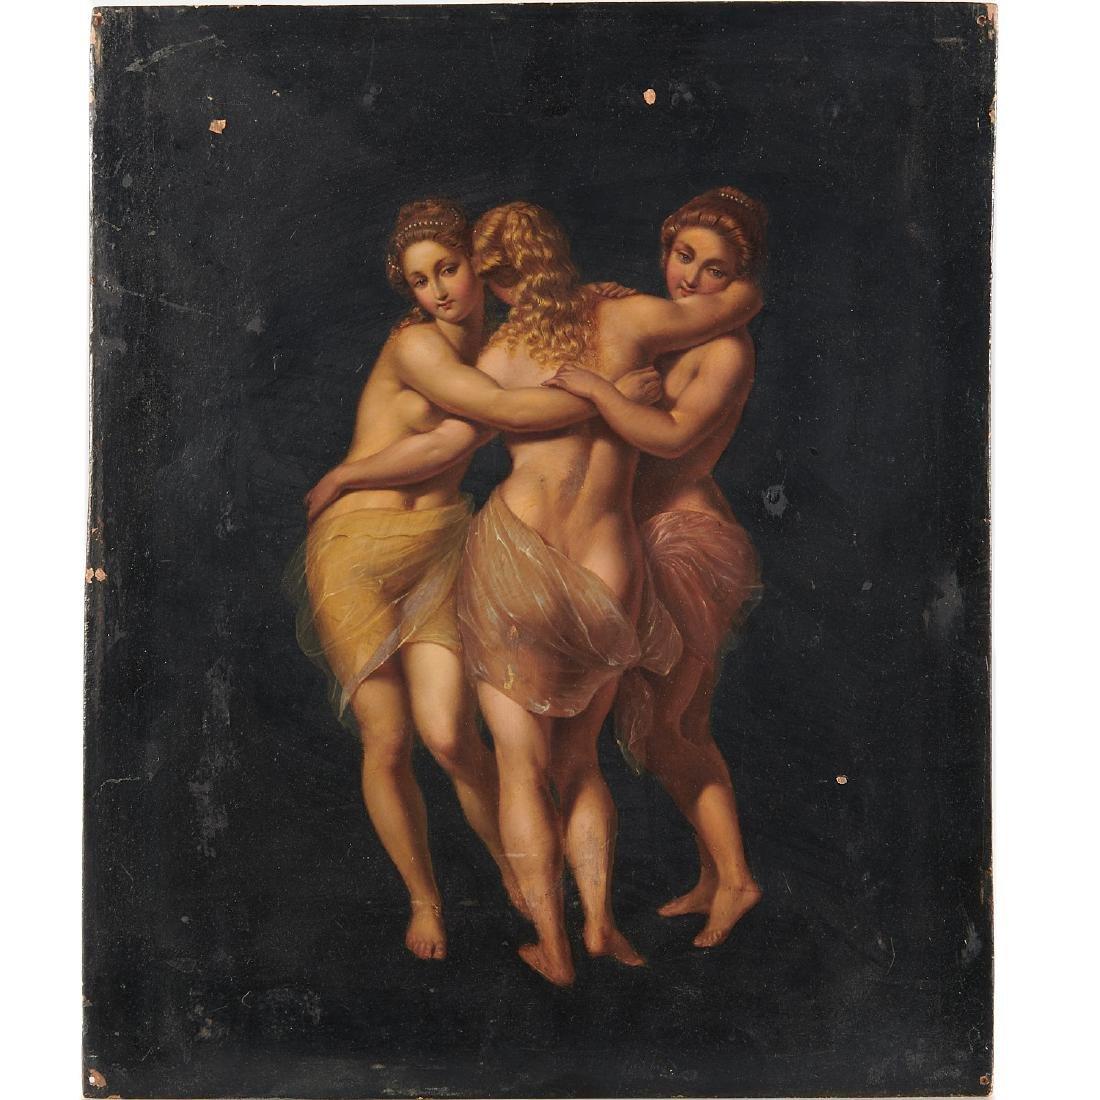 Hans von Aachen (manner of), painting